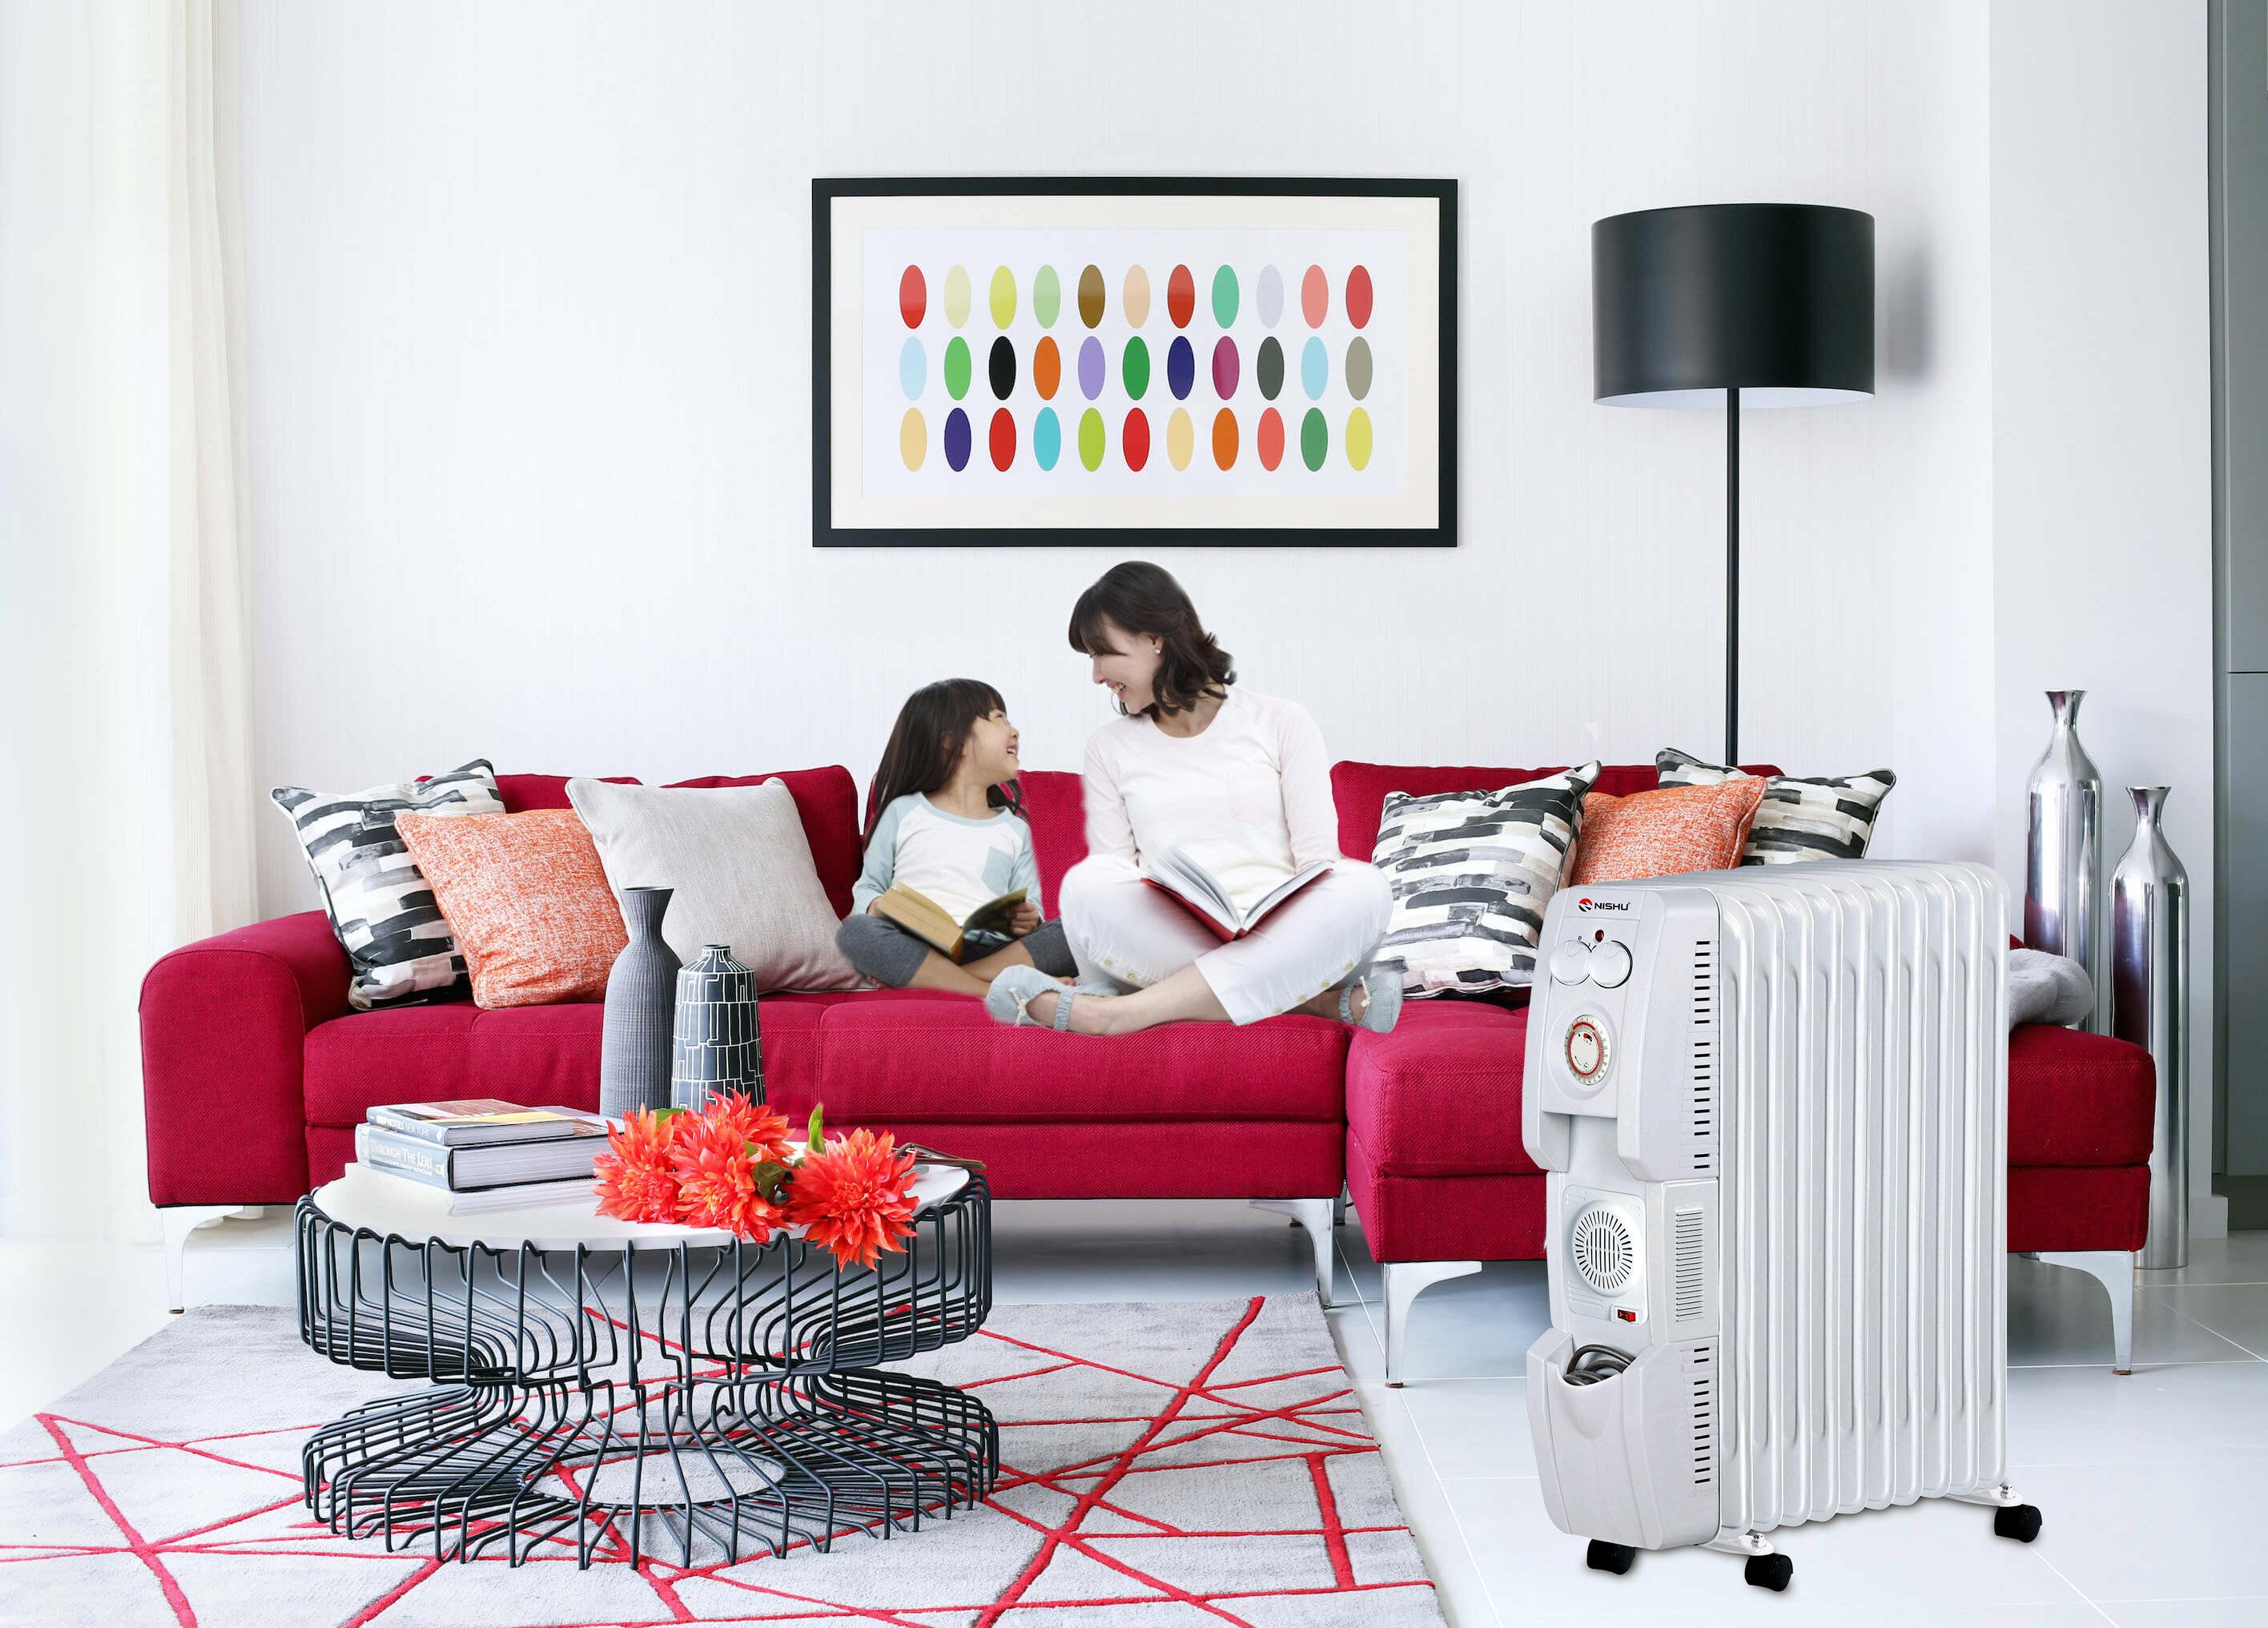 Máy sưởi mang đến những giây phút hạnh phúc hơn, đầm ấm hơn cho gia đình